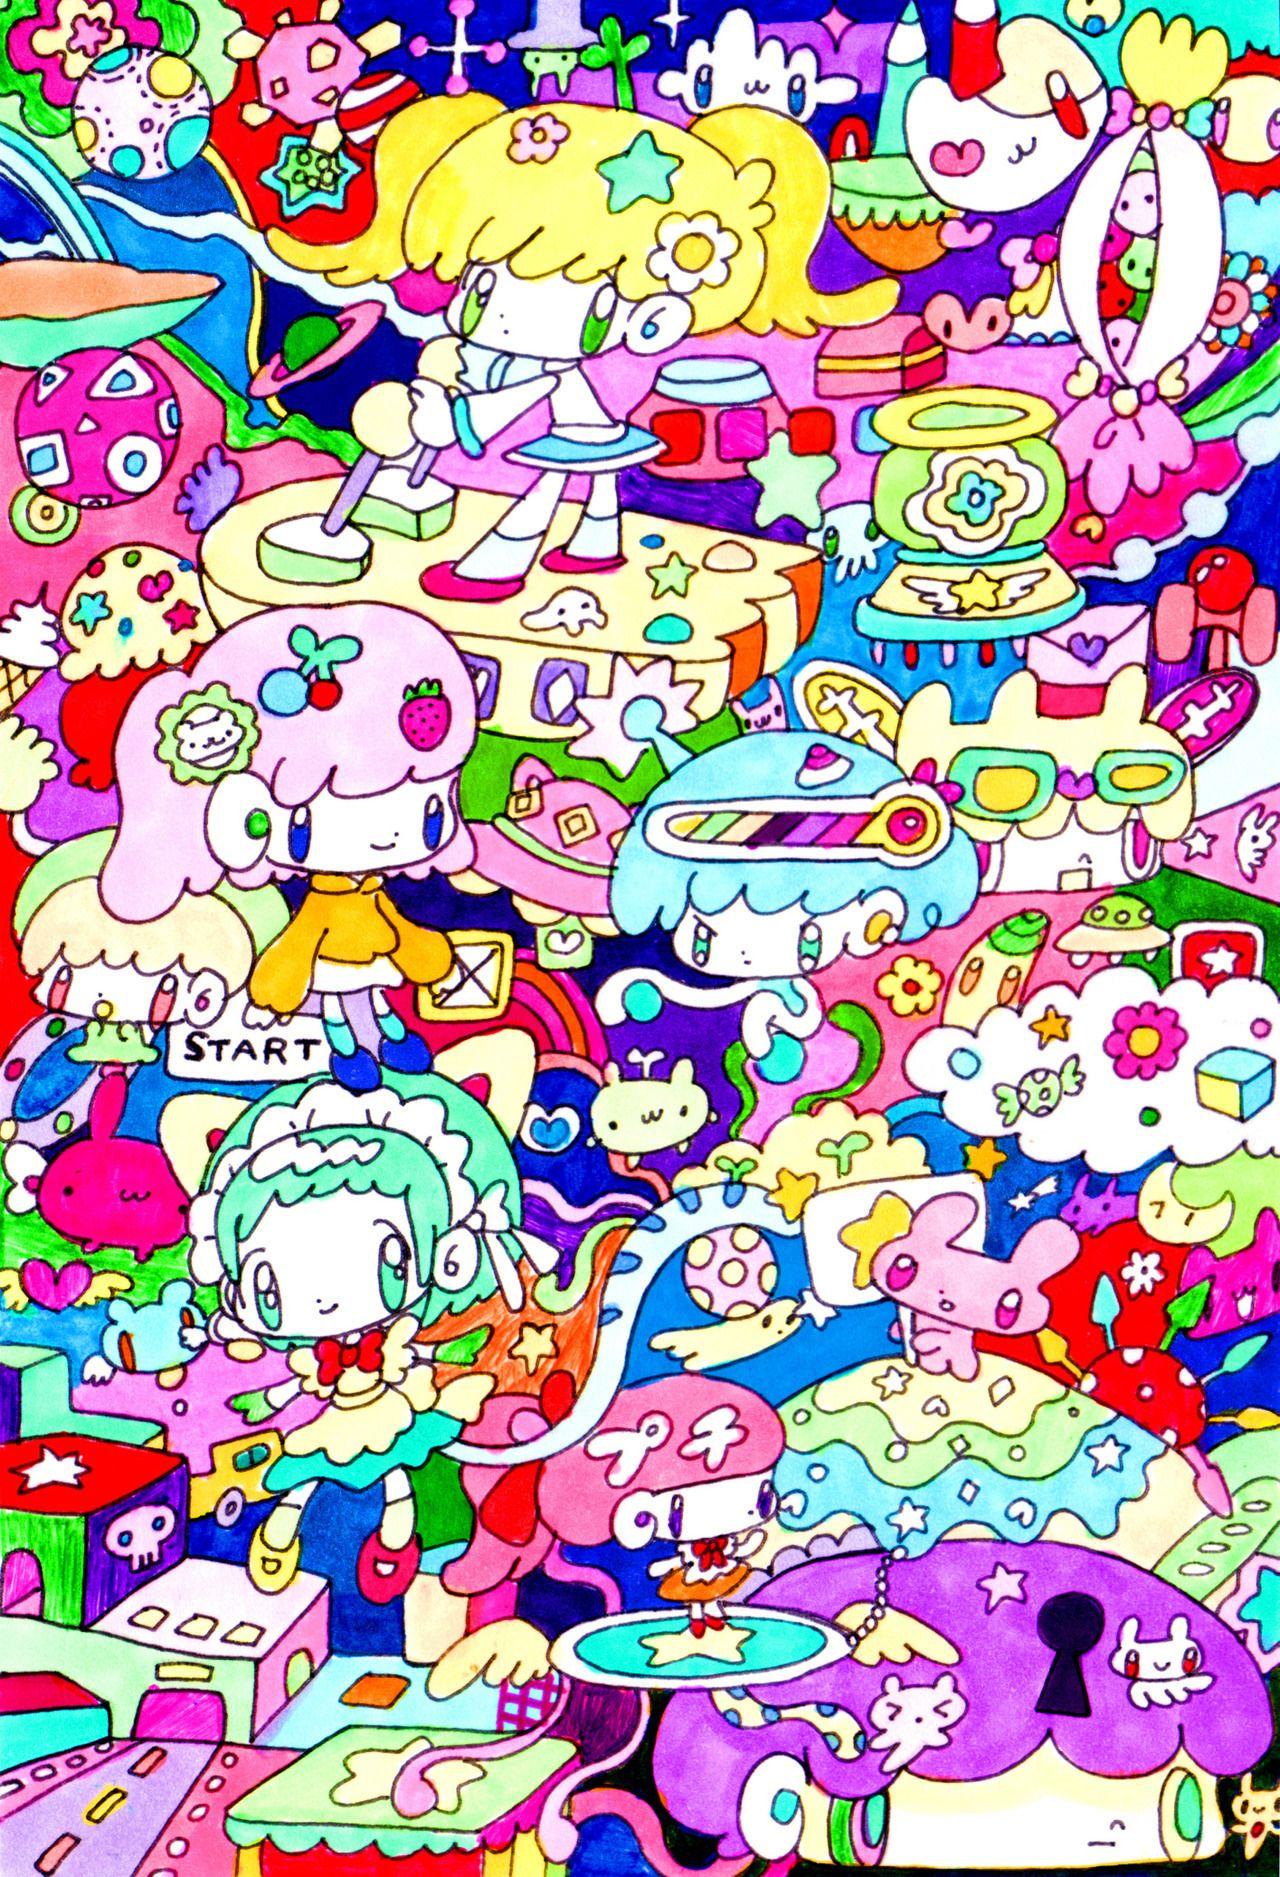 100 pucoli 壁紙 かわいい イラスト かわいいイラスト